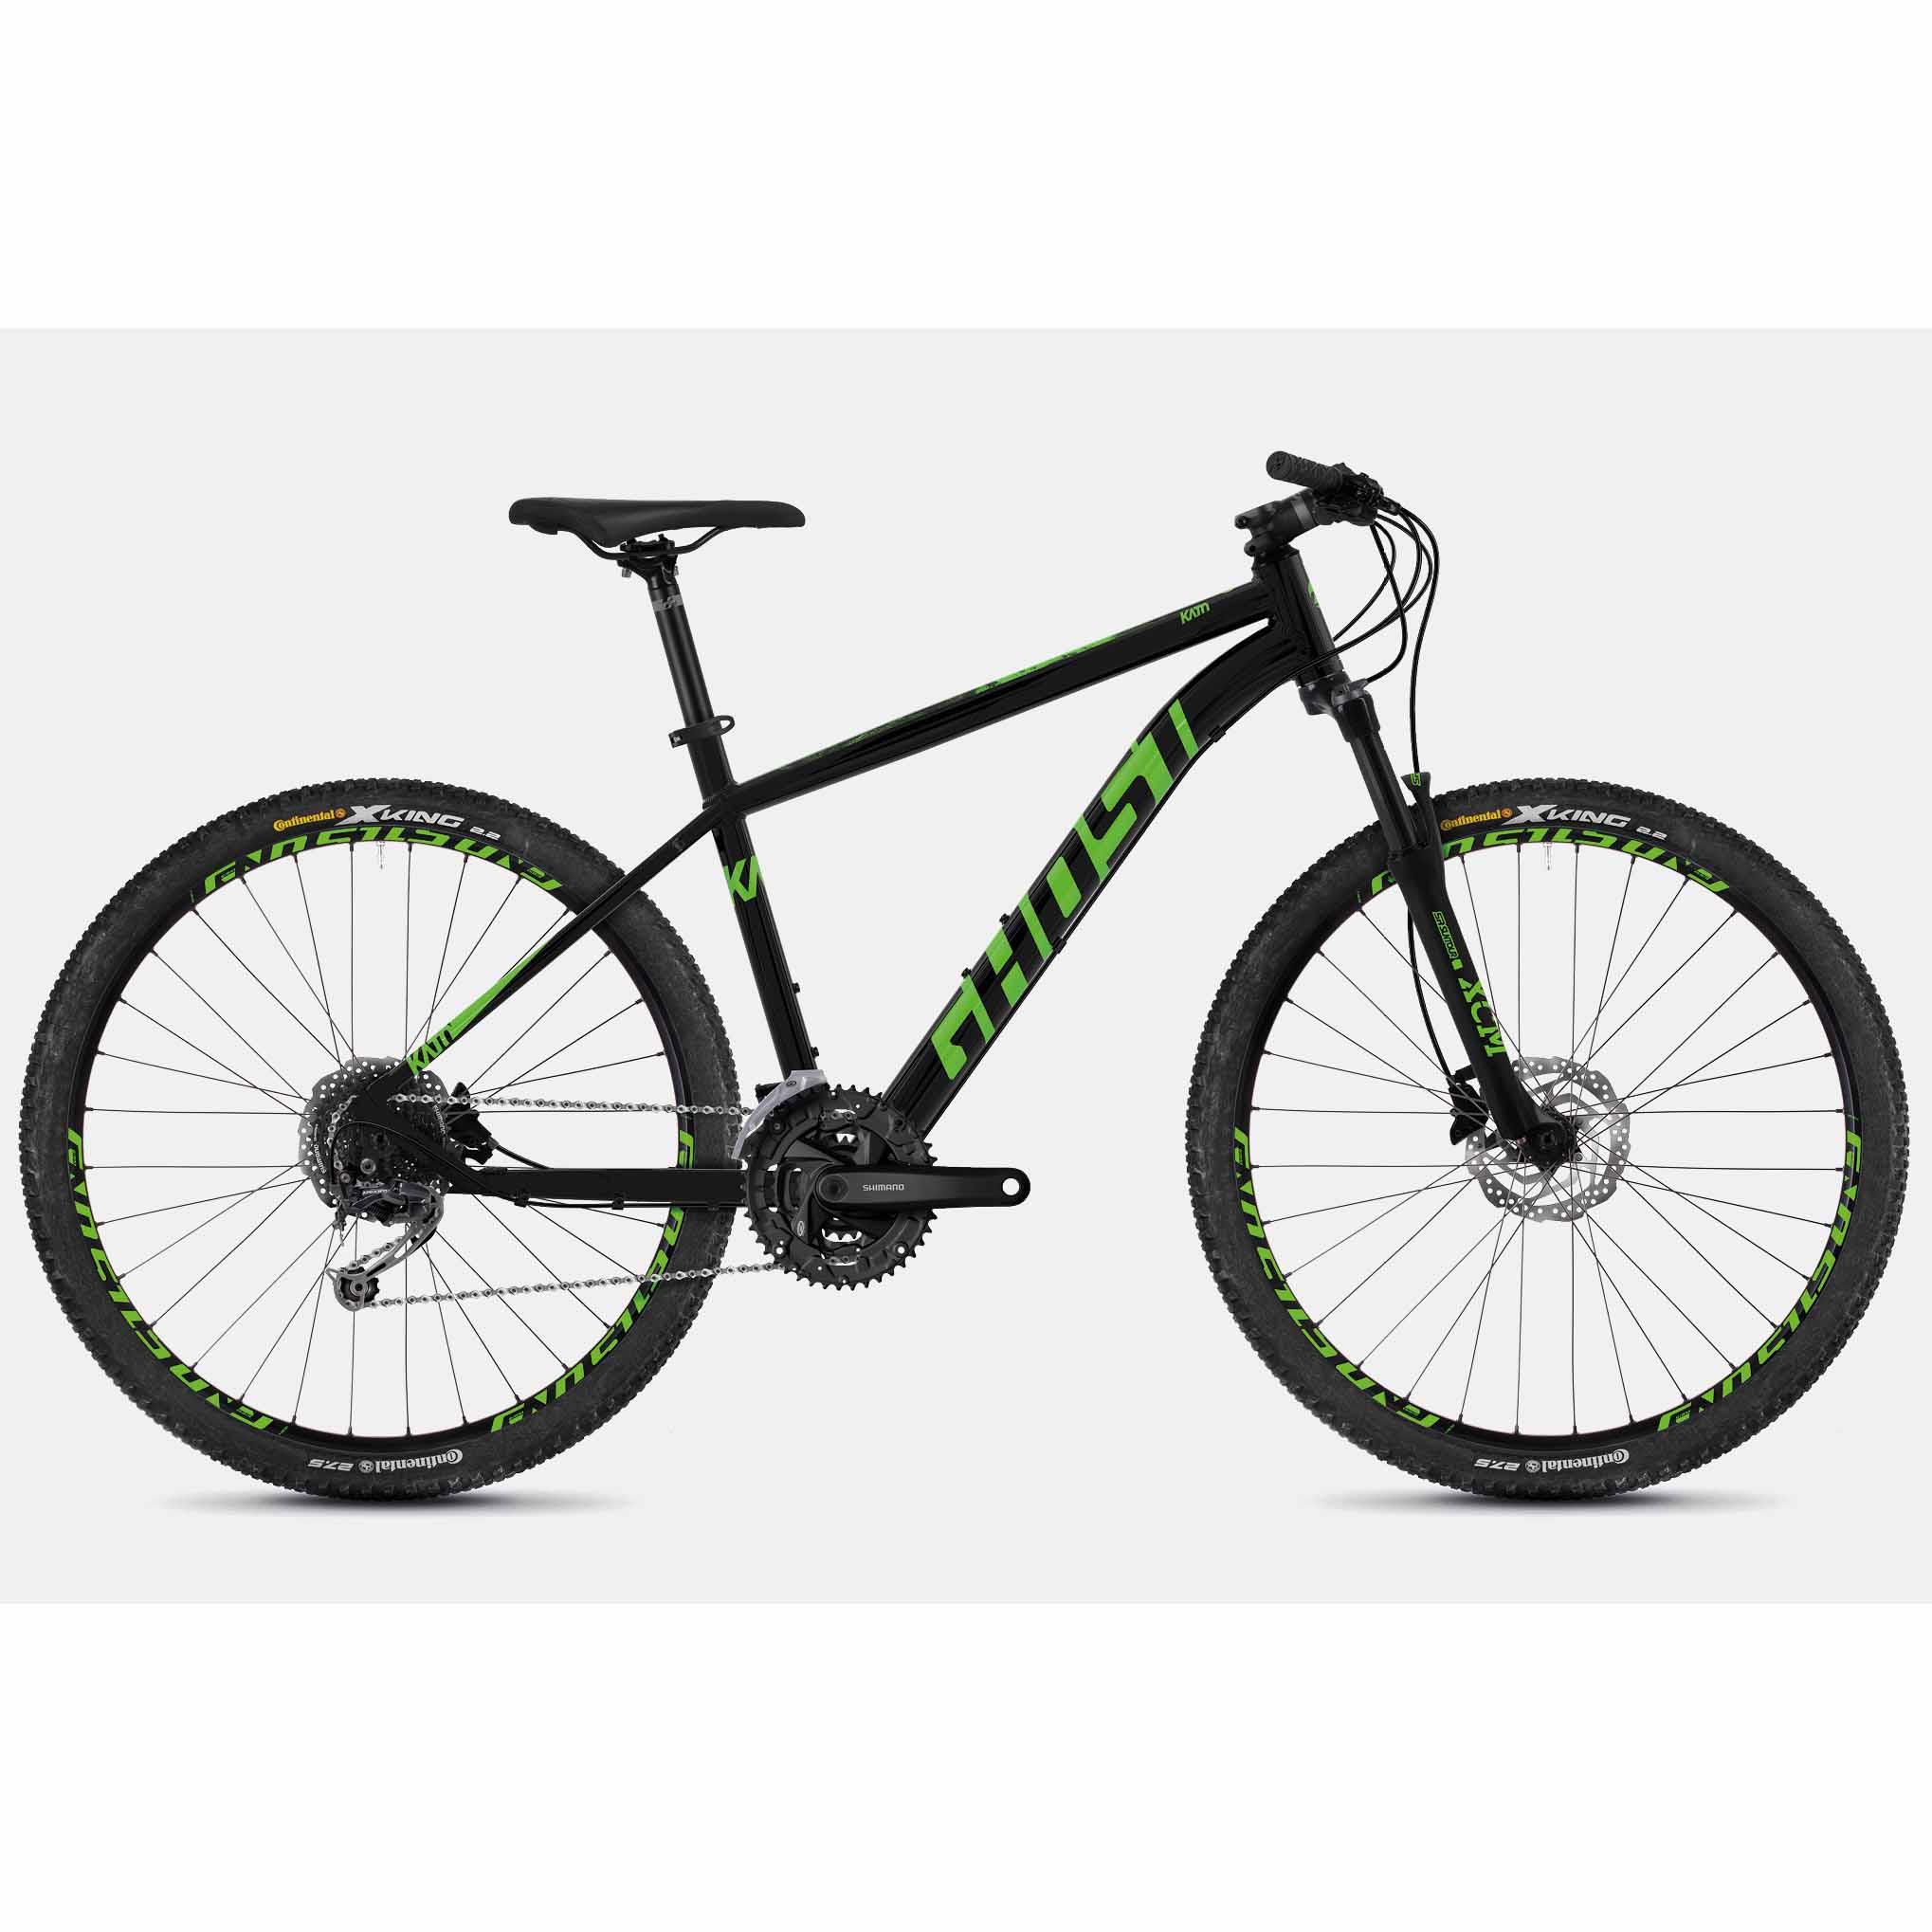 Фото Велосипед Ghost Kato 4.7 27,5″ черно-зеленый, L, 2019